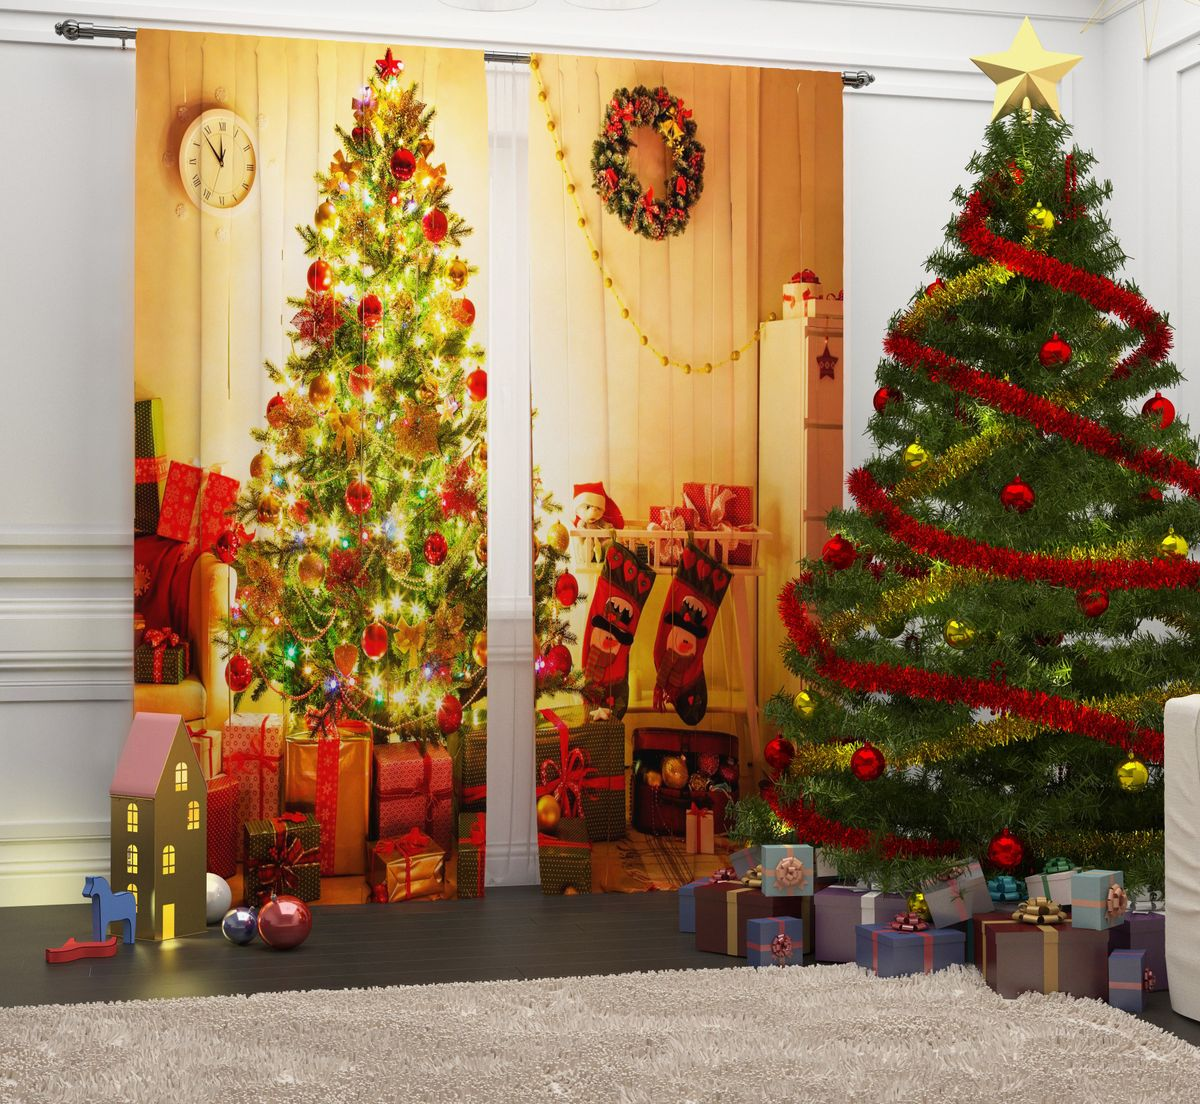 Комплект фотоштор Сирень Новогодняя ночь, на ленте, высота 260 см07107-ФШ-ГБ-001Комплект фотоштор Сирень Новогодняя ночь отлично дополнит интерьер комнаты. Шторы выполнены из габардина (100% полиэстер). Особенностью ткани является небольшая плотность, из-за чего она хорошо пропускает воздух и солнечный свет. Ткань хорошо держит форму, не требует специального ухода. Яркая и четкая картинка, перенесенная на шторы, будет радовать вас каждый день. Идеальное сочетание современного материала и гипоаллергенных красок гарантирует хорошее настроение в доме.